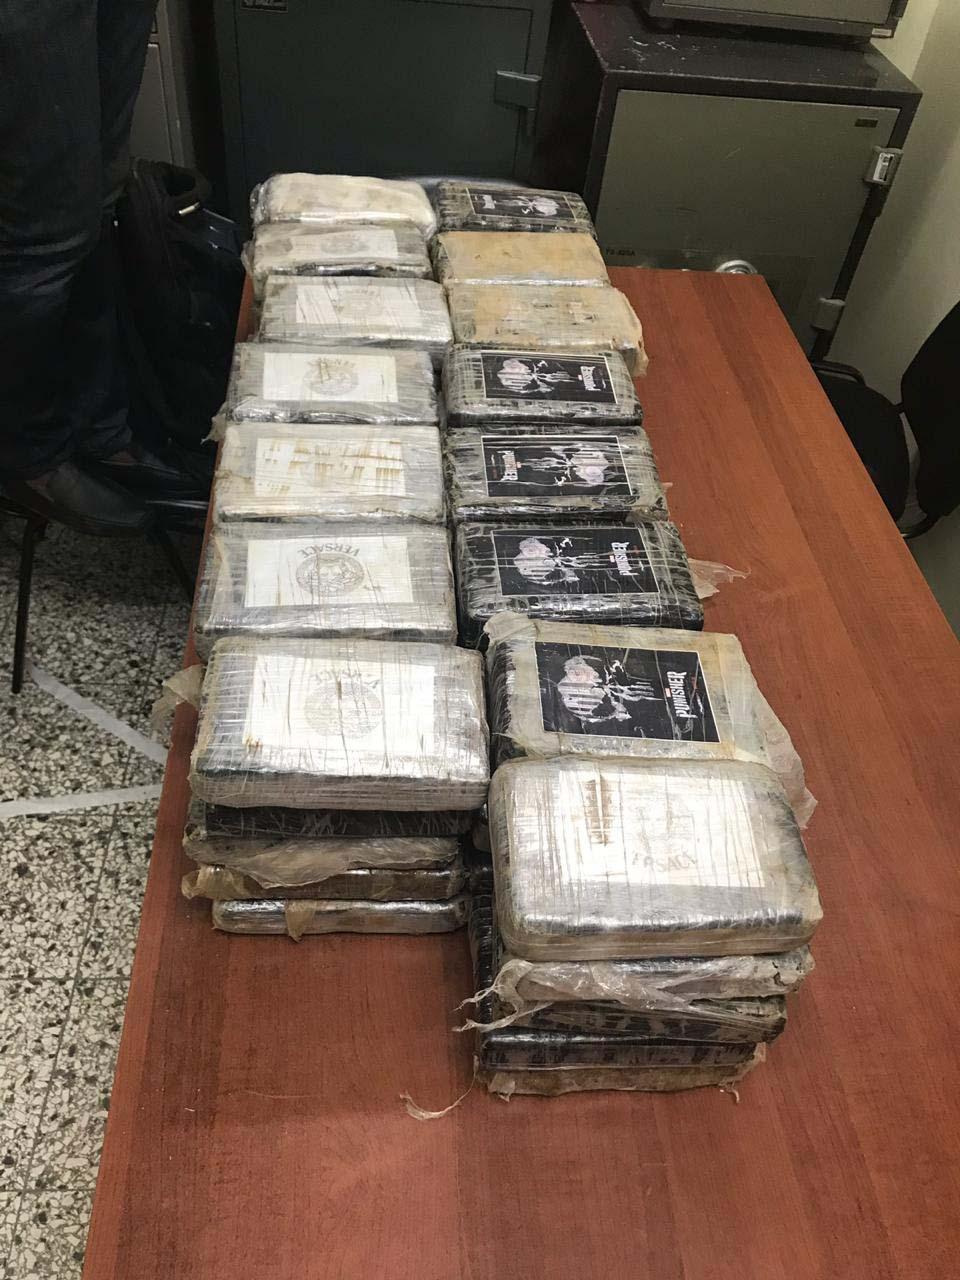 dmcd 111 paquetes de cocaína